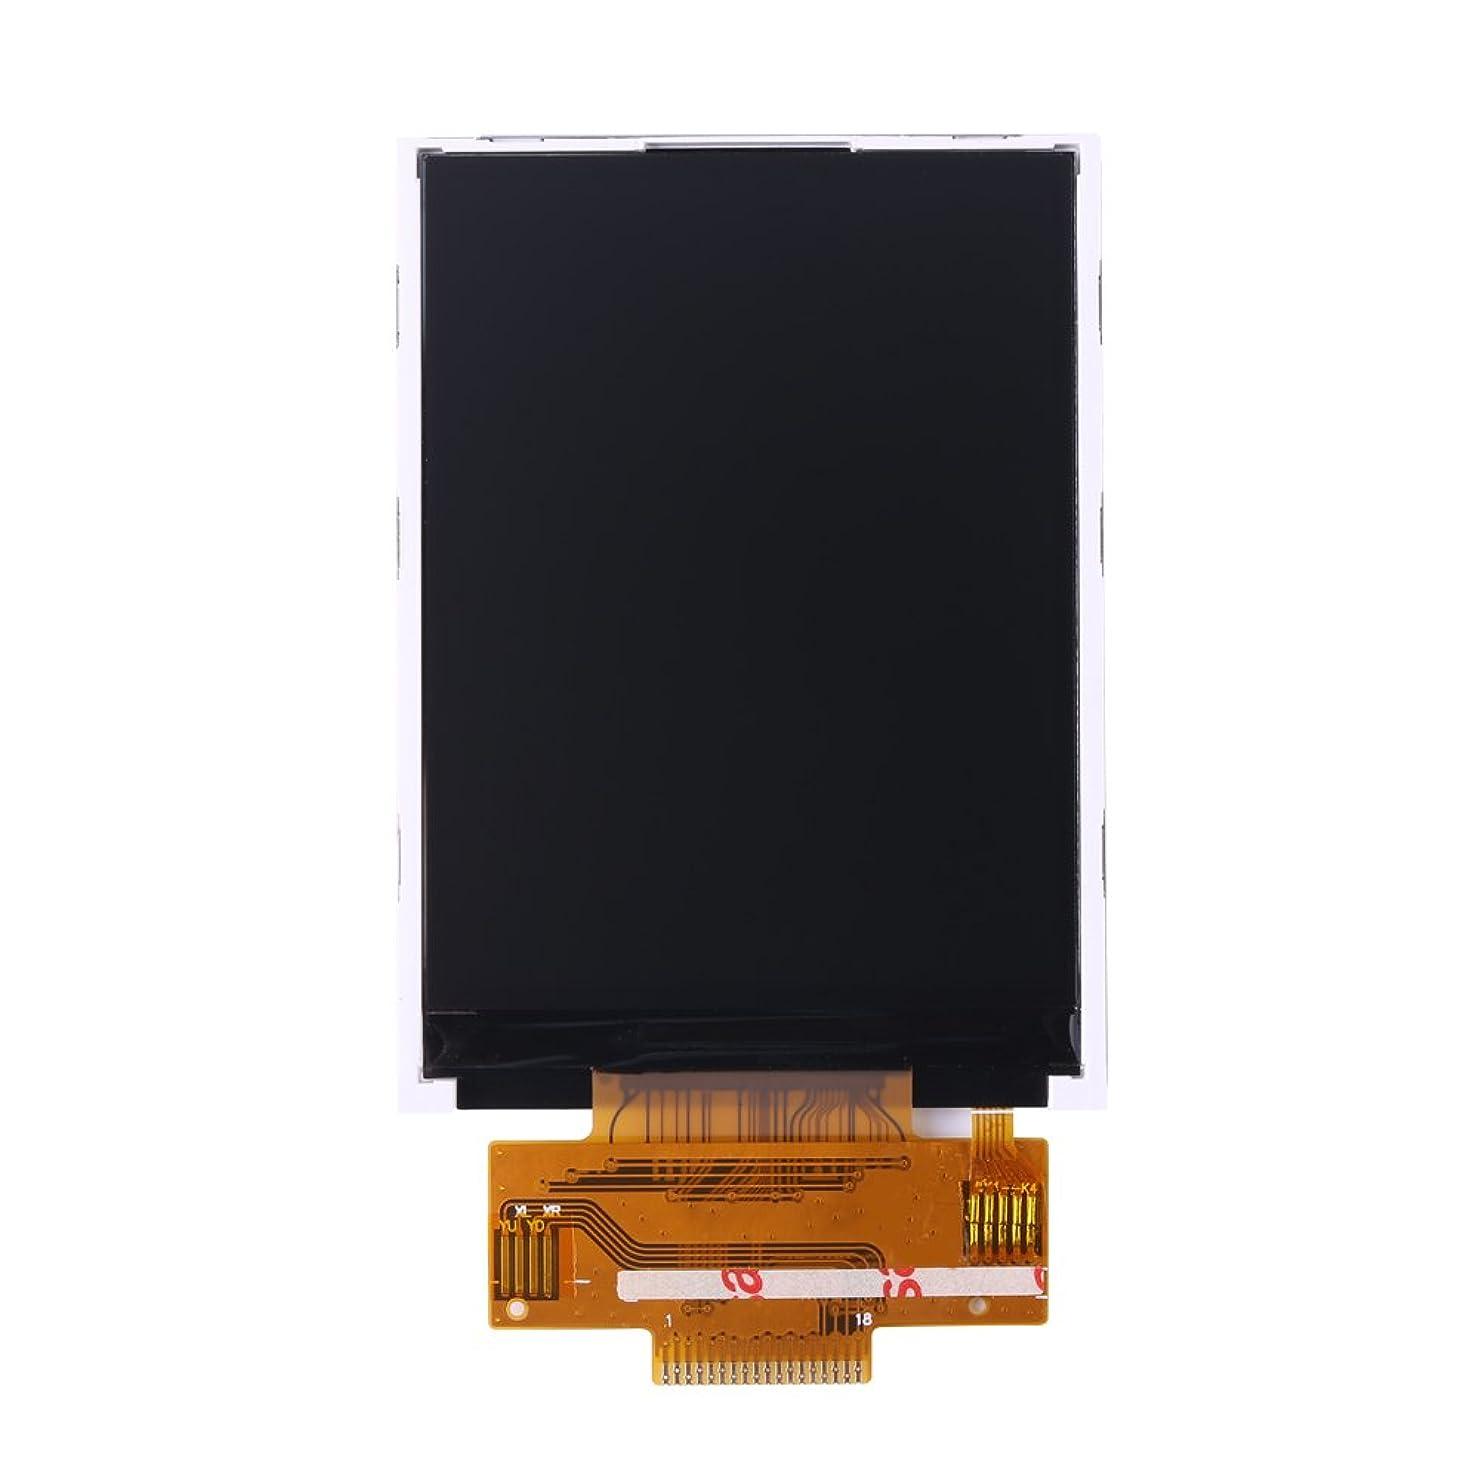 膨張するほとんどの場合研究TFT LCDパネルモジュール、フルカラー2.8インチ240 * 320高解像度SPIシリアルバスインタフェース(ILI9341ドライバチップ付き)